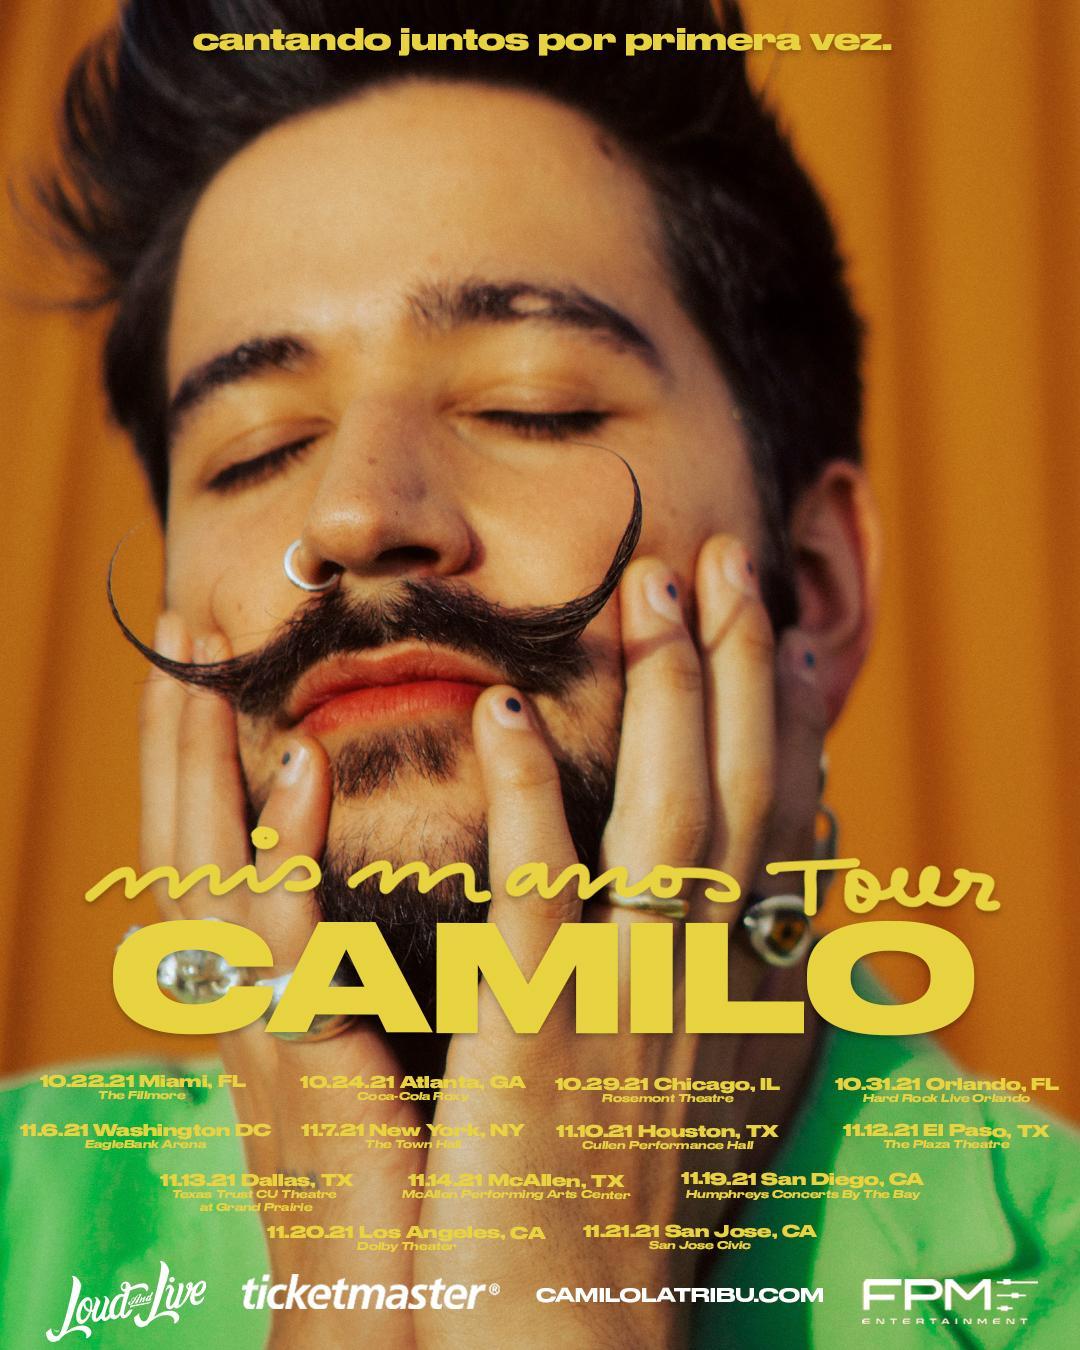 """Updated_Camilo_MisManos_Routing_1080x1350 CAMILO TRAERÁ SU ESPERADO """"MIS MANOS TOUR"""" A ESTADOS UNIDOS"""